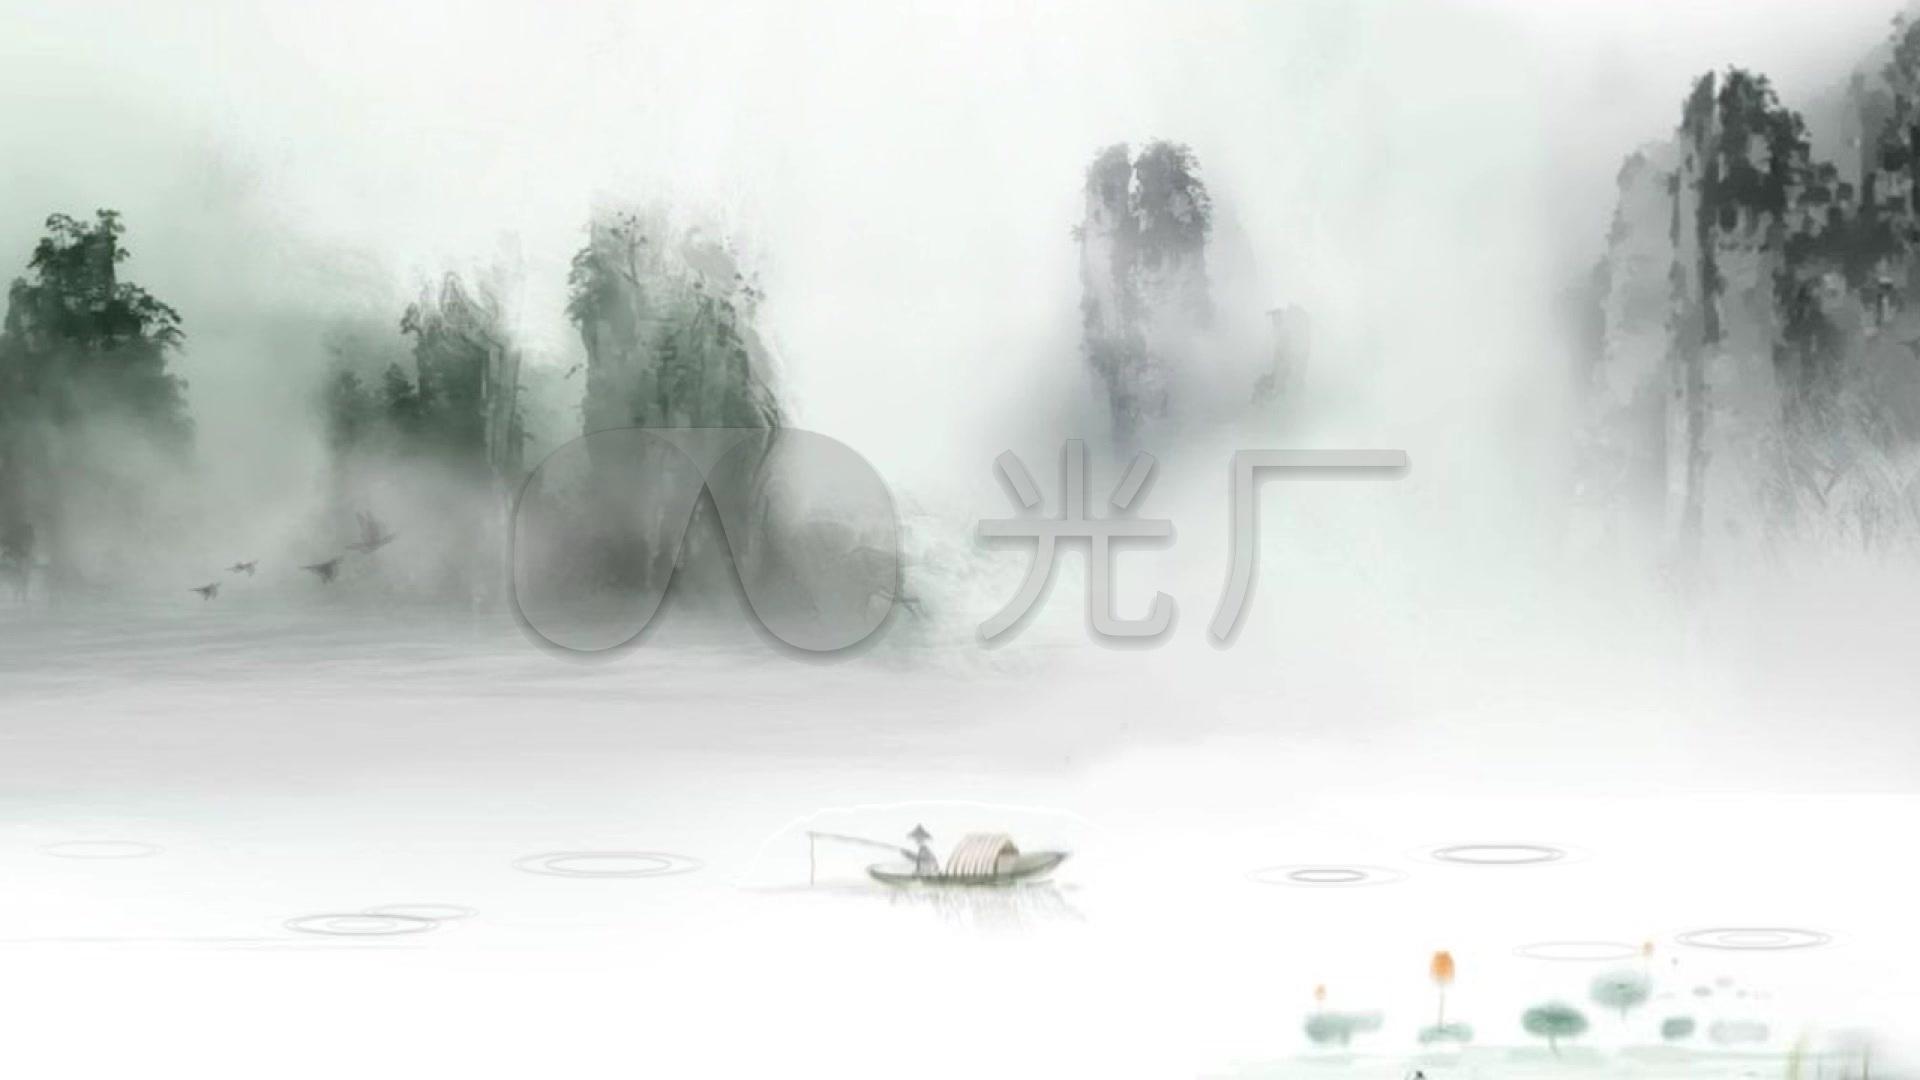 中国风高清山水画v高清_1920X1080_苹果水墨视频恶视频搞图片